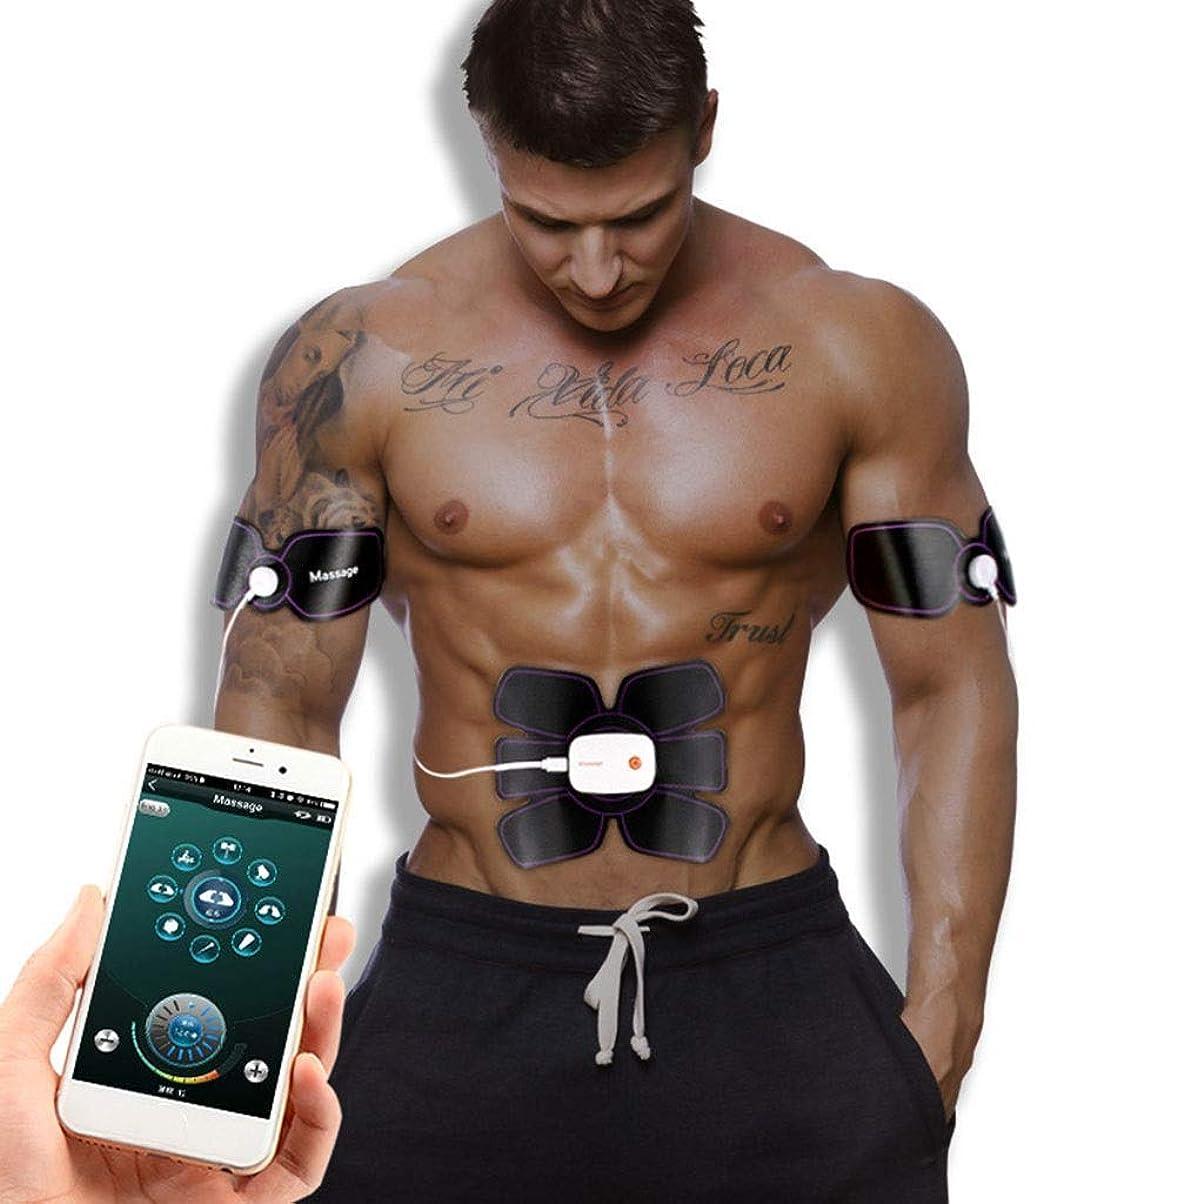 遠洋の豊富な豊富な腹筋トレーナー、筋肉刺激装置、腹部調色ベルトEMS腹筋トレーナーボディフィットネストレーナージムトレーニングとホームフィットネス器具